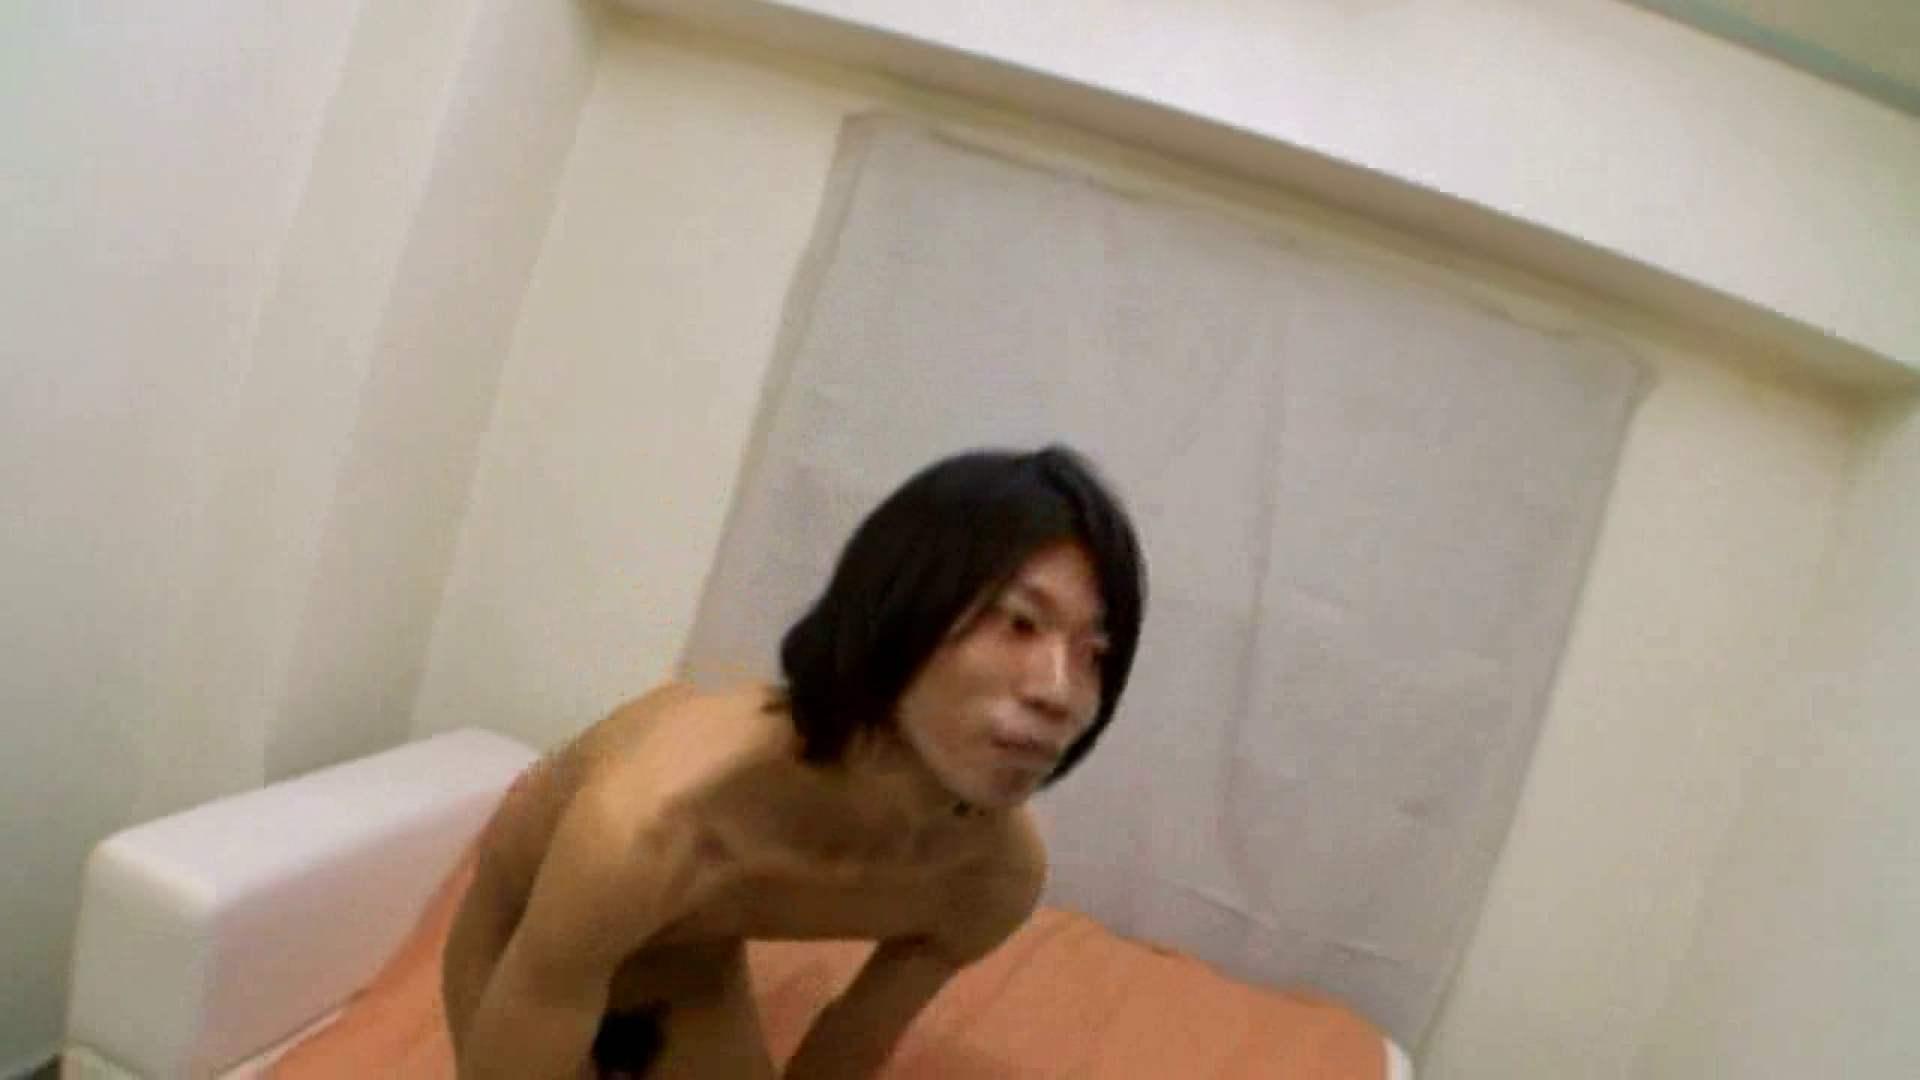 ノンケ!自慰スタジオ No.36 ノンケ  68pic 52